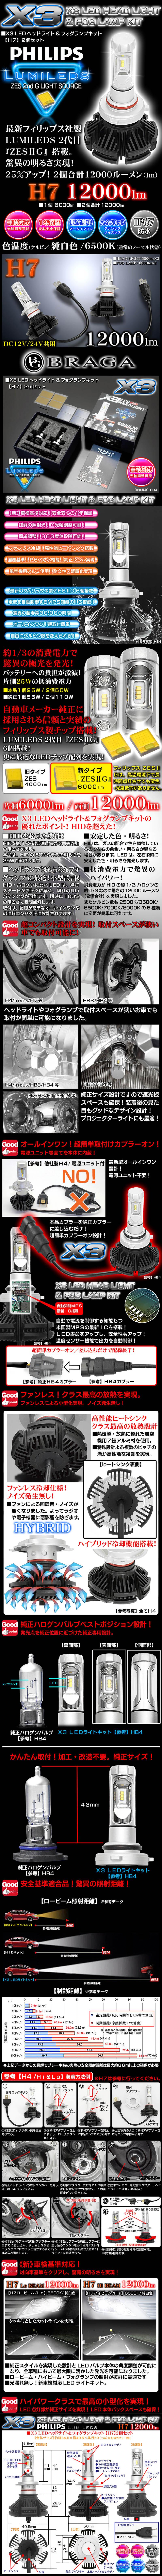 《車検対応 》X3 12000LMフィリップス製LEDヘッドライト&フォグランプキット【H7】50W/6500K 2個セット